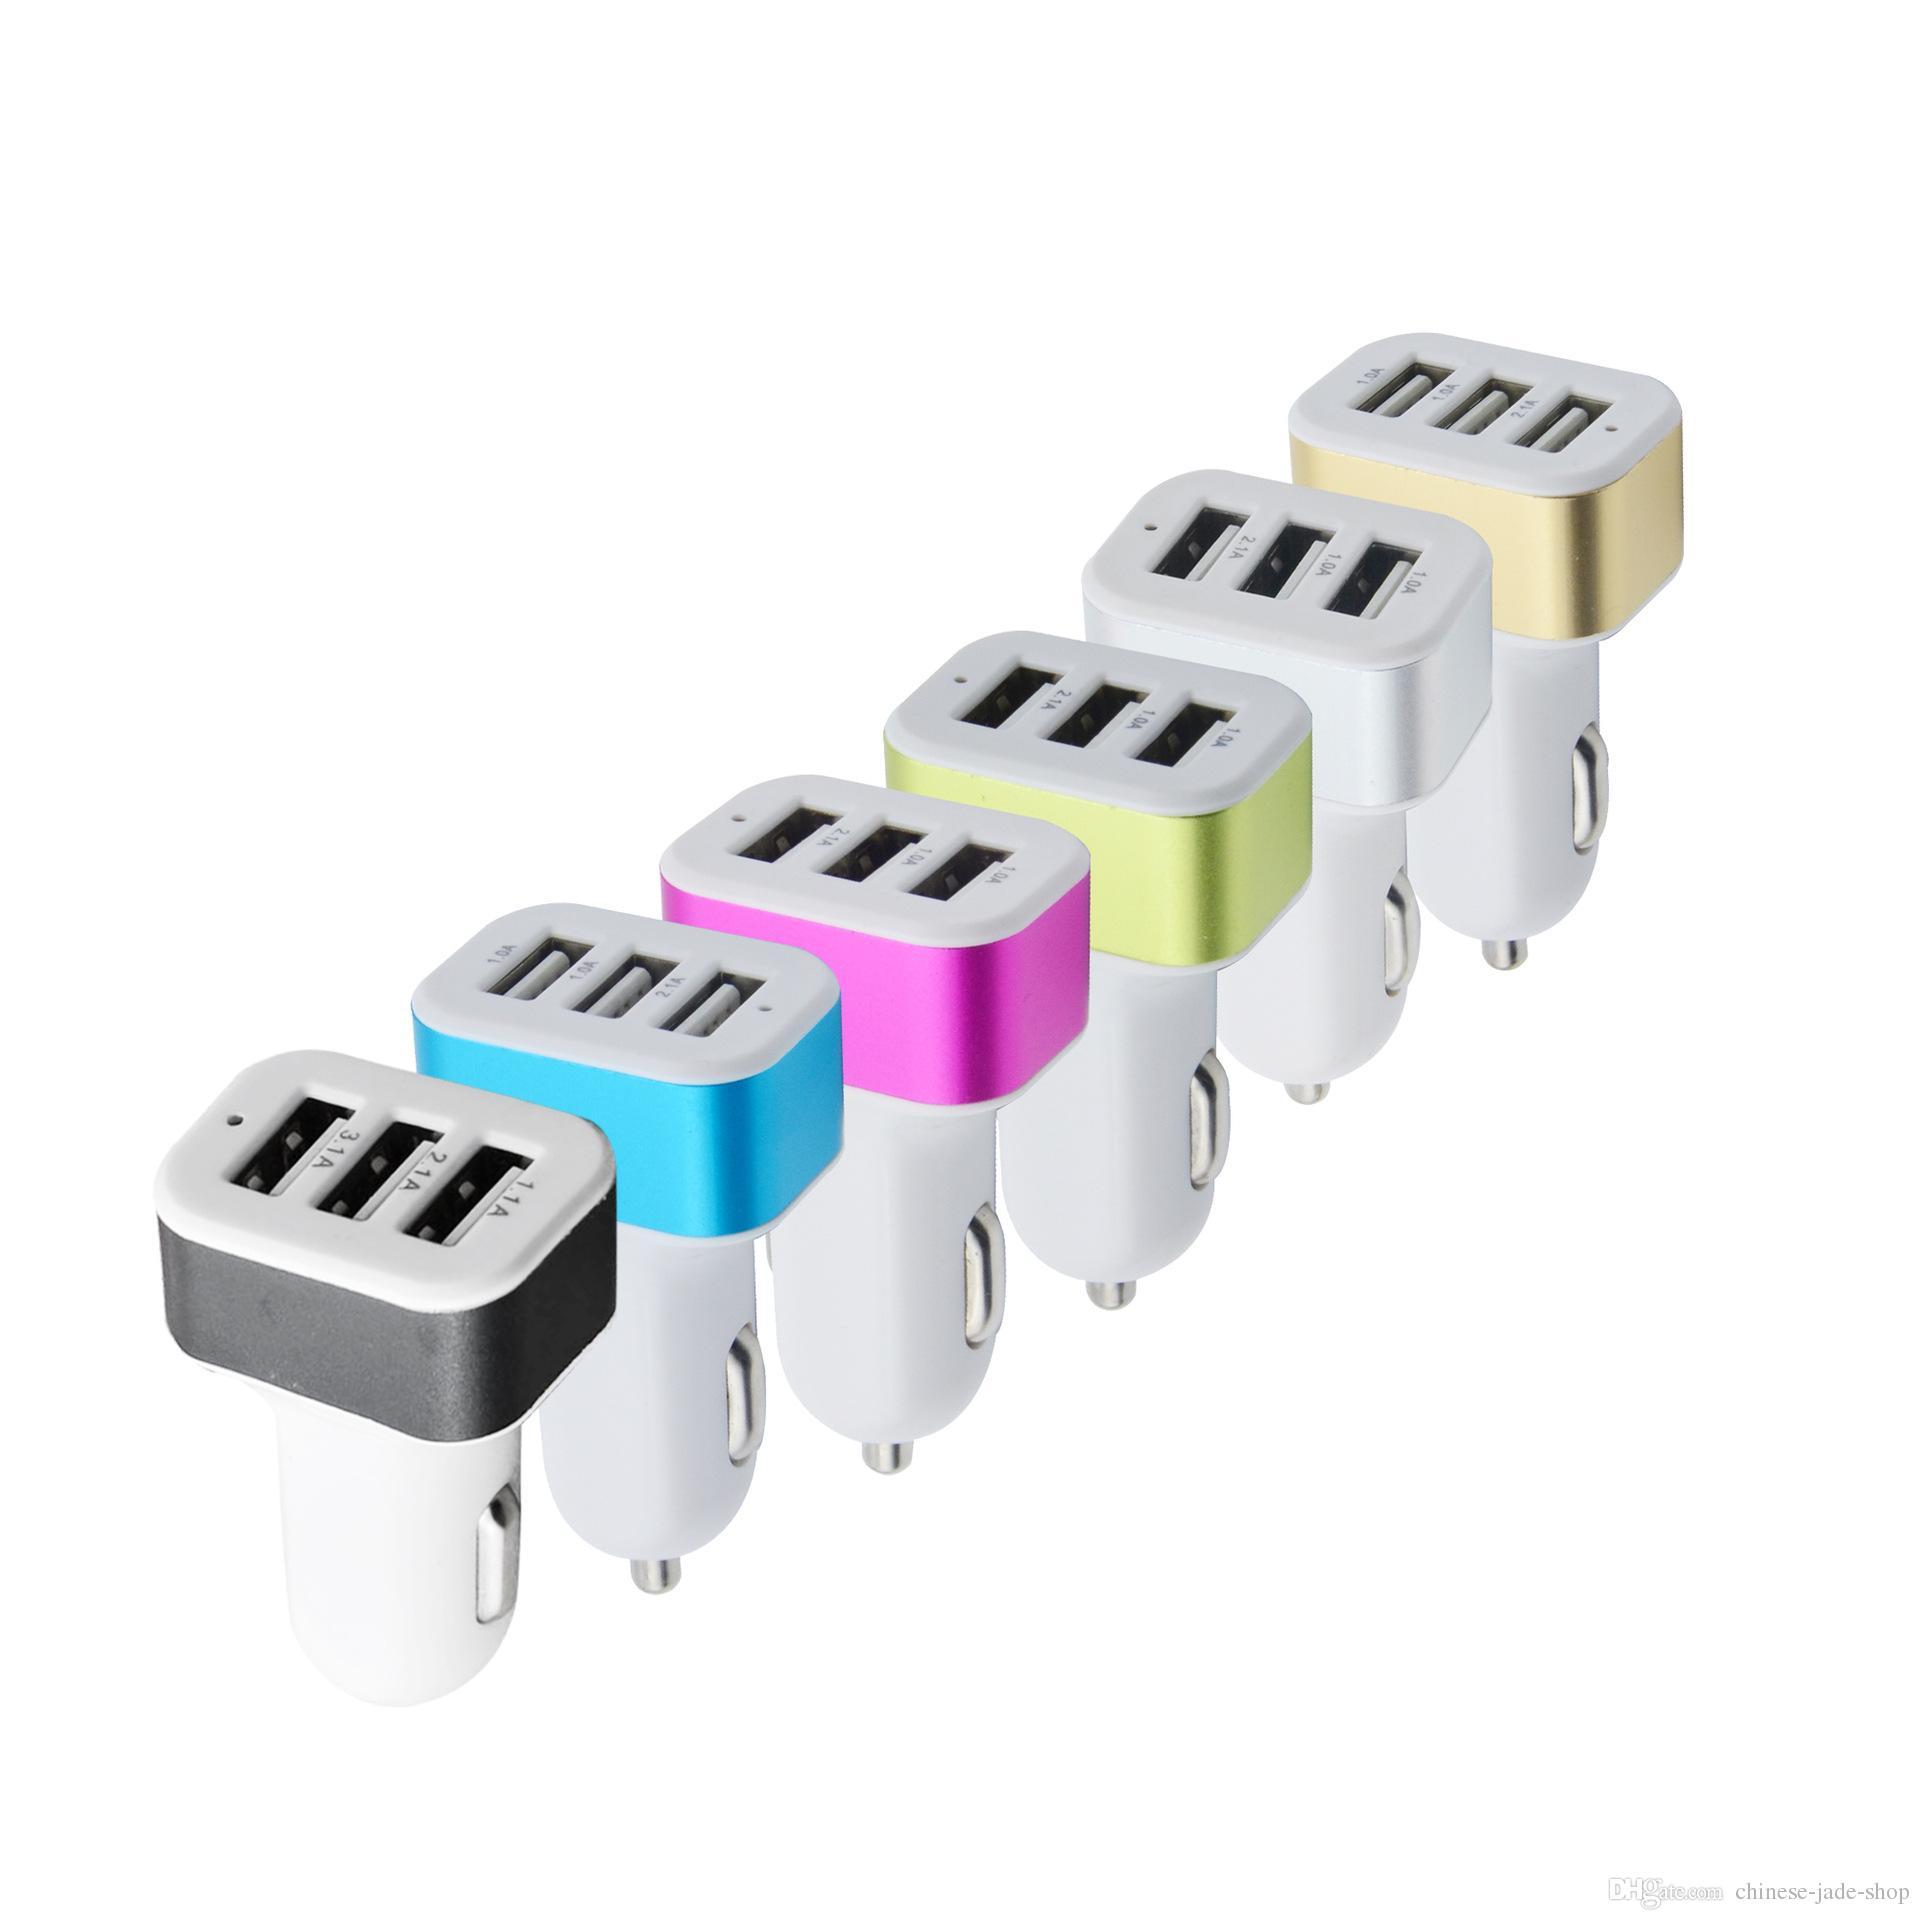 3 USB автомобильное зарядное устройство металлический сплав 5V 1A зарядный адаптер универсальный для смартфона 100 шт. / лот